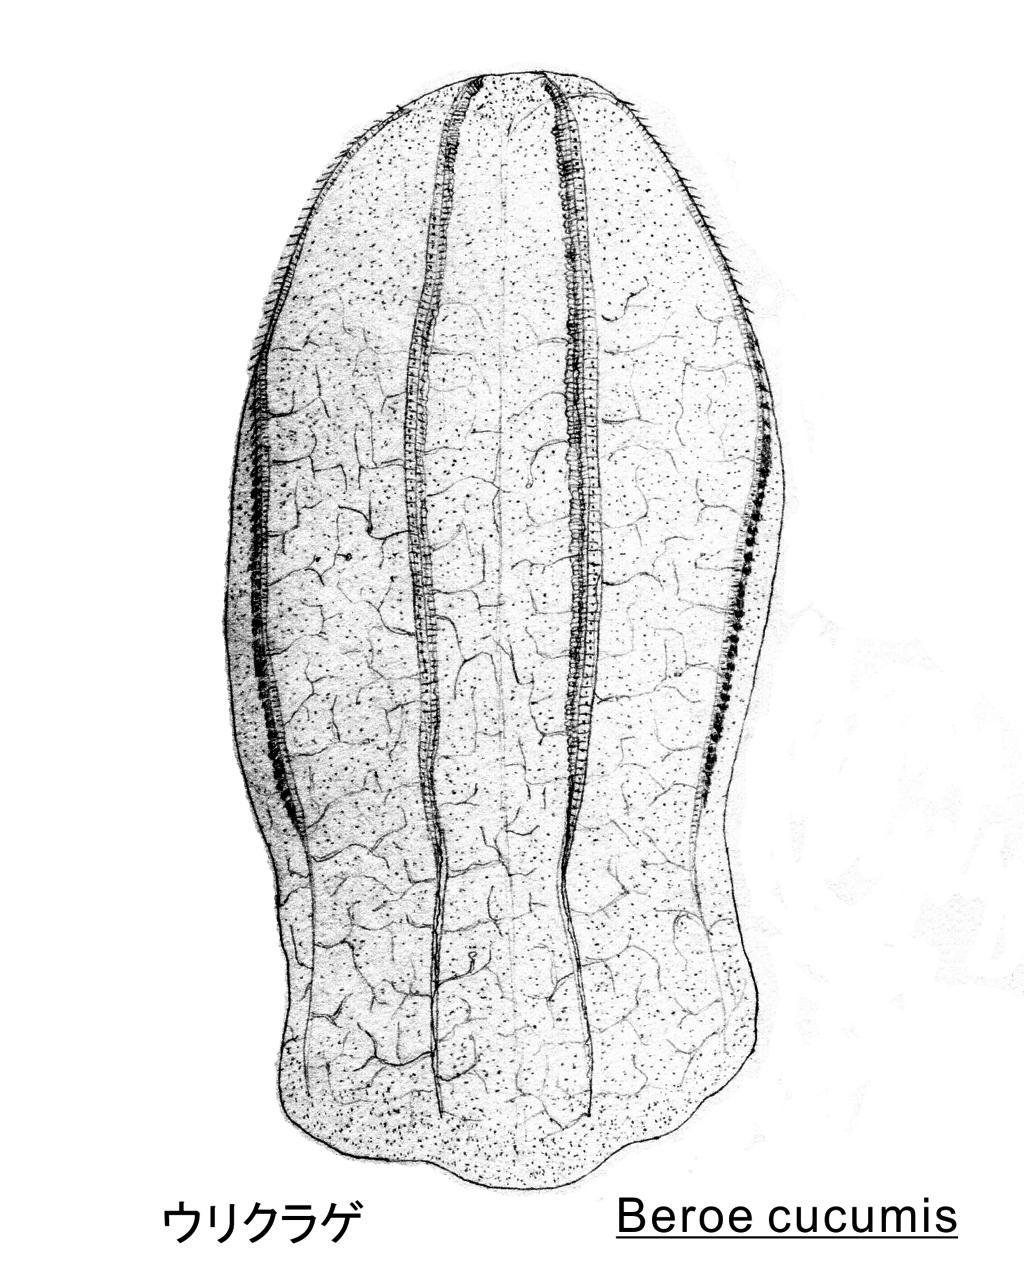 ウリクラゲ